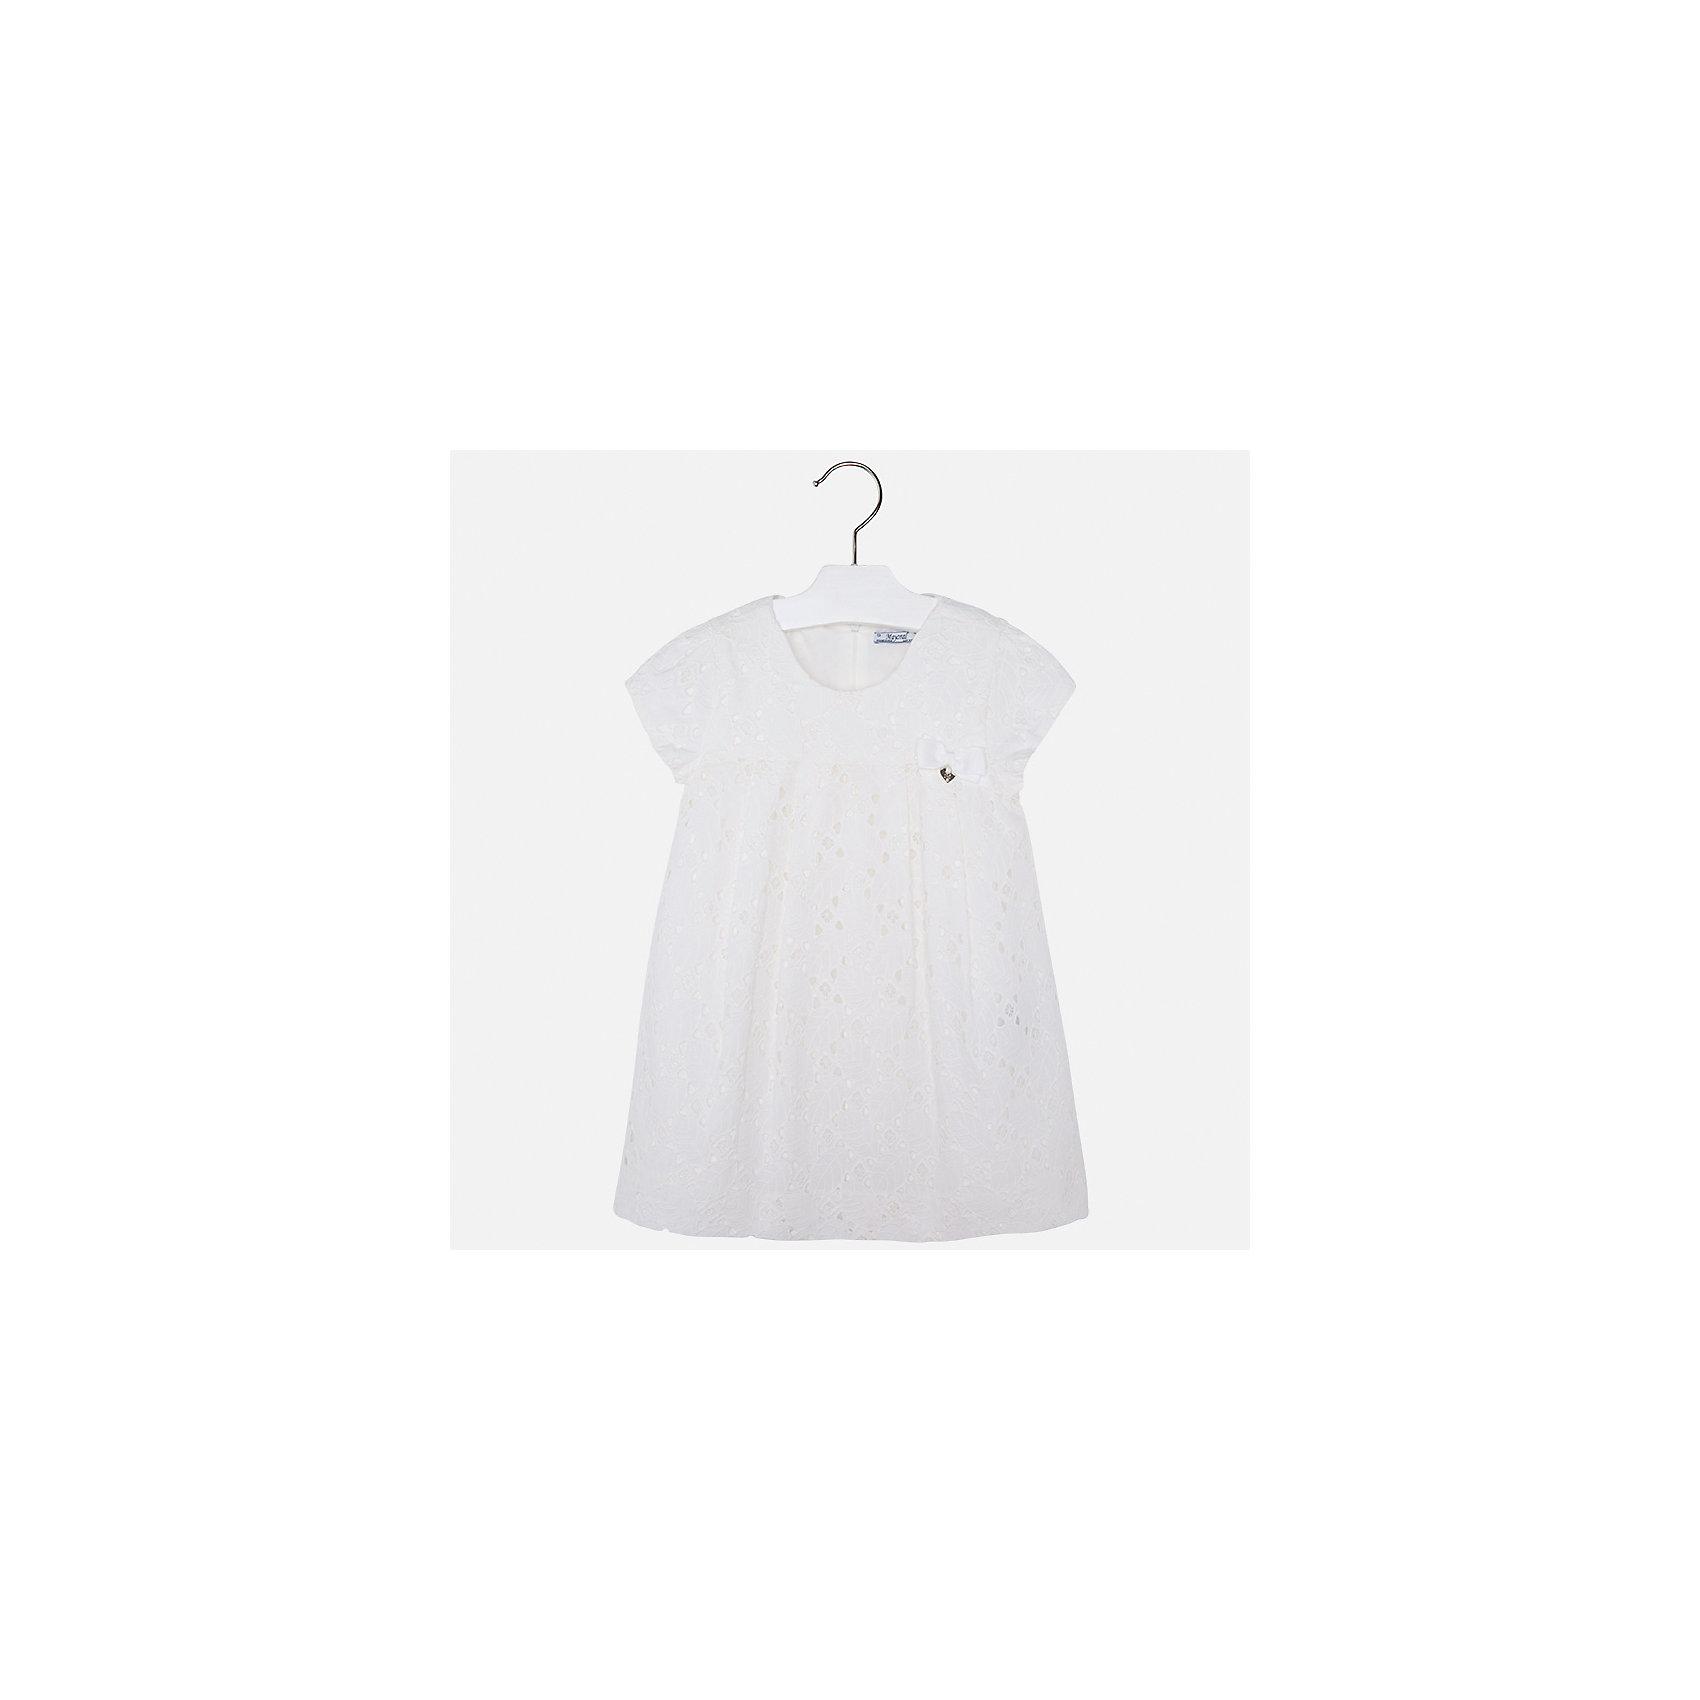 Платье для девочки MayoralОдежда<br>Характеристики товара:<br><br>• цвет: белый<br>• состав: 100% хлопок, подкладка - 65% полиэстер, 35% хлопок<br>• застежка: молния<br>• ажурная ткань верха<br>• завышенная талия<br>• короткие рукава<br>• с подкладкой<br>• страна бренда: Испания<br><br>Нарядное платье для девочки поможет разнообразить гардероб ребенка и создать эффектный наряд. Оно отлично подойдет для торжественных случаев. Красивый оттенок позволяет подобрать к вещи обувь разных расцветок. В составе материала подкладки - натуральный хлопок, гипоаллергенный, приятный на ощупь, дышащий. Платье хорошо сидит по фигуре.<br><br>Одежда, обувь и аксессуары от испанского бренда Mayoral полюбились детям и взрослым по всему миру. Модели этой марки - стильные и удобные. Для их производства используются только безопасные, качественные материалы и фурнитура. Порадуйте ребенка модными и красивыми вещами от Mayoral! <br><br>Платье для девочки от испанского бренда Mayoral (Майорал) можно купить в нашем интернет-магазине.<br><br>Ширина мм: 236<br>Глубина мм: 16<br>Высота мм: 184<br>Вес г: 177<br>Цвет: белый<br>Возраст от месяцев: 96<br>Возраст до месяцев: 108<br>Пол: Женский<br>Возраст: Детский<br>Размер: 134,92,98,104,110,116,122,128<br>SKU: 5291126